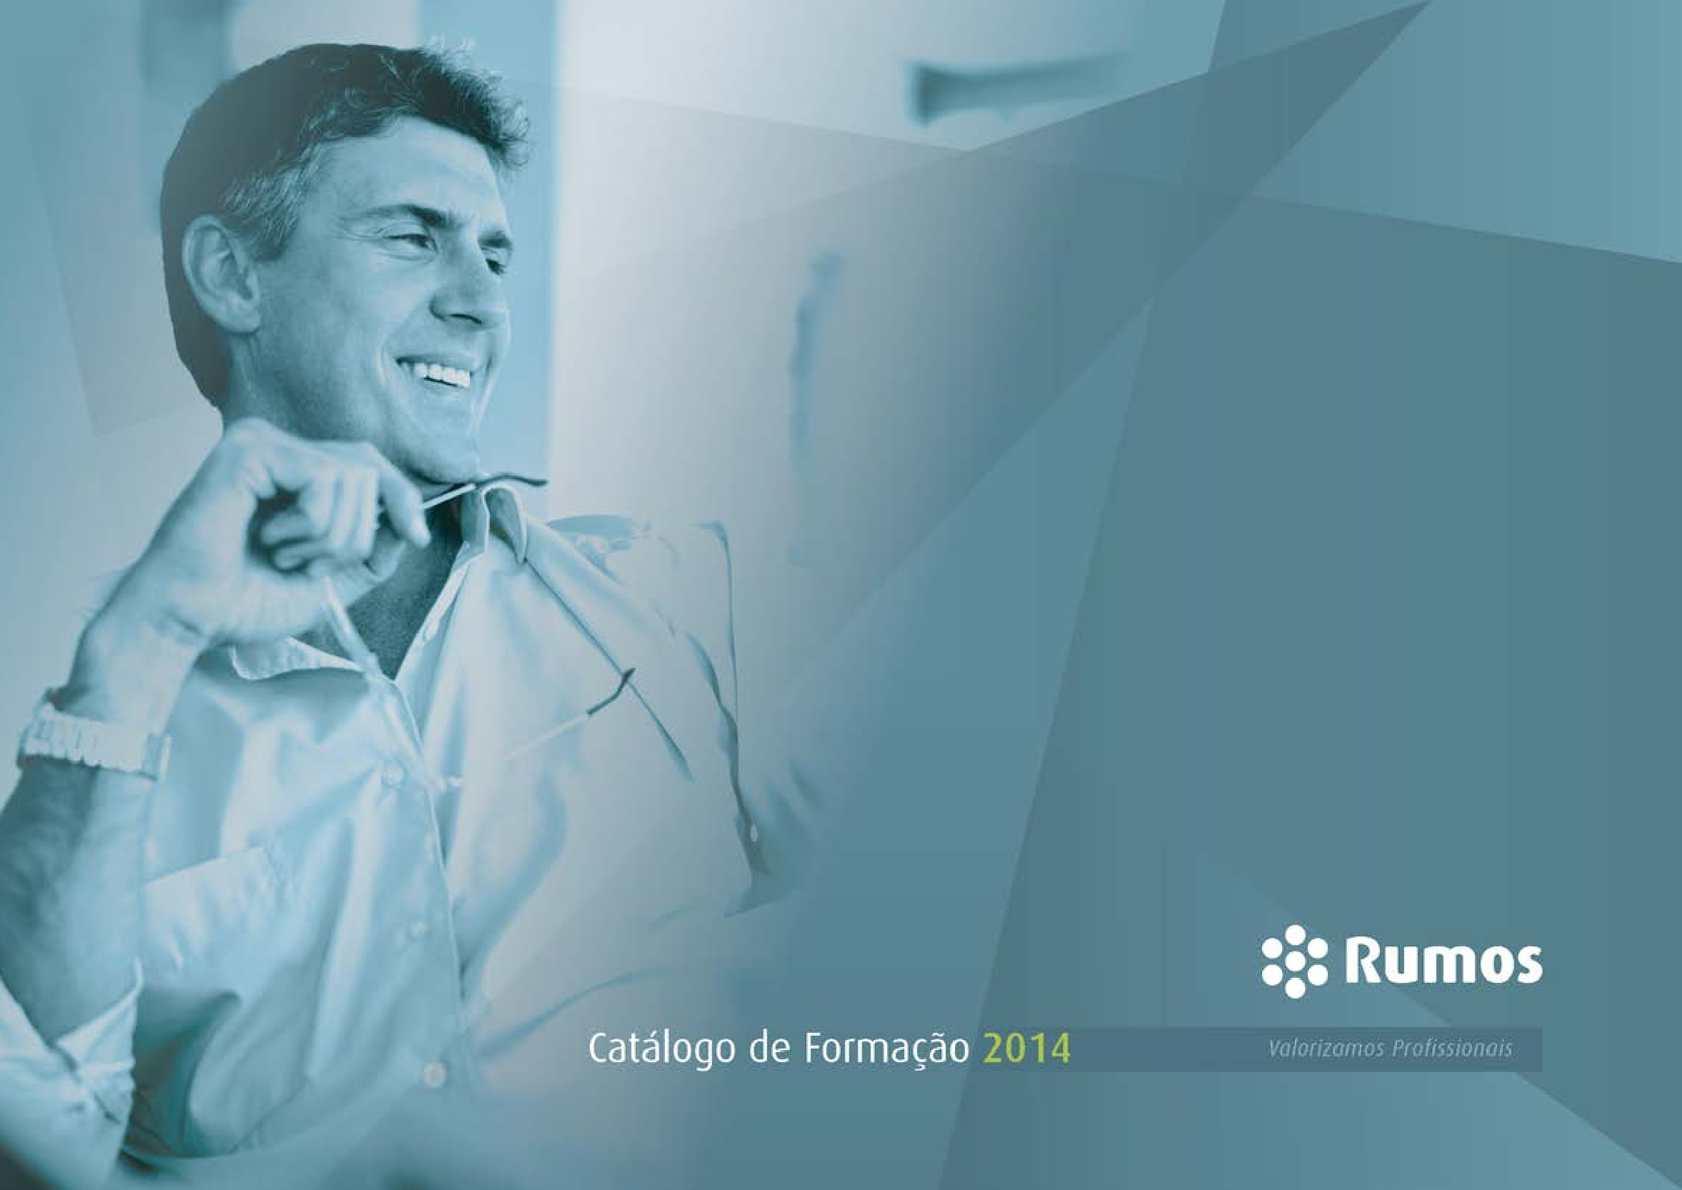 Calaméo - Catálogo Geral de Formação Rumos 2014